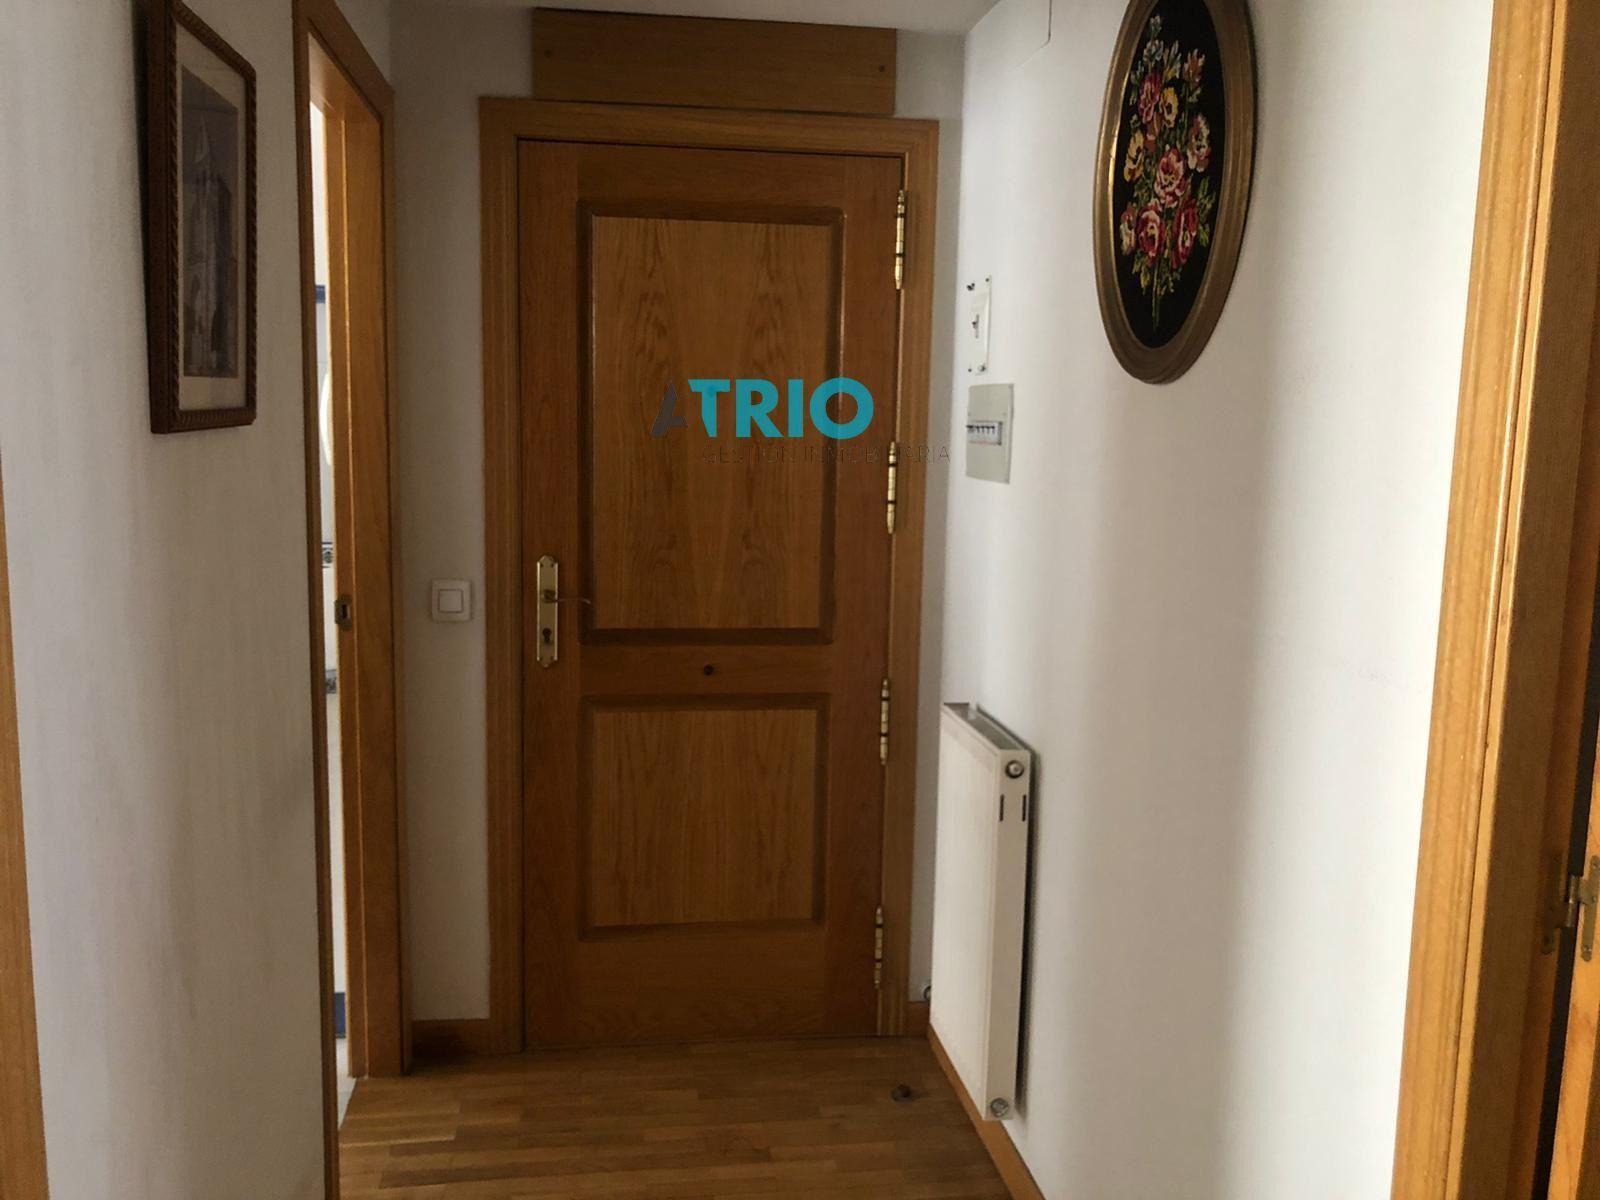 dia.mobiliagestion.es/Portals/inmoatrio/Images/6620/5522074